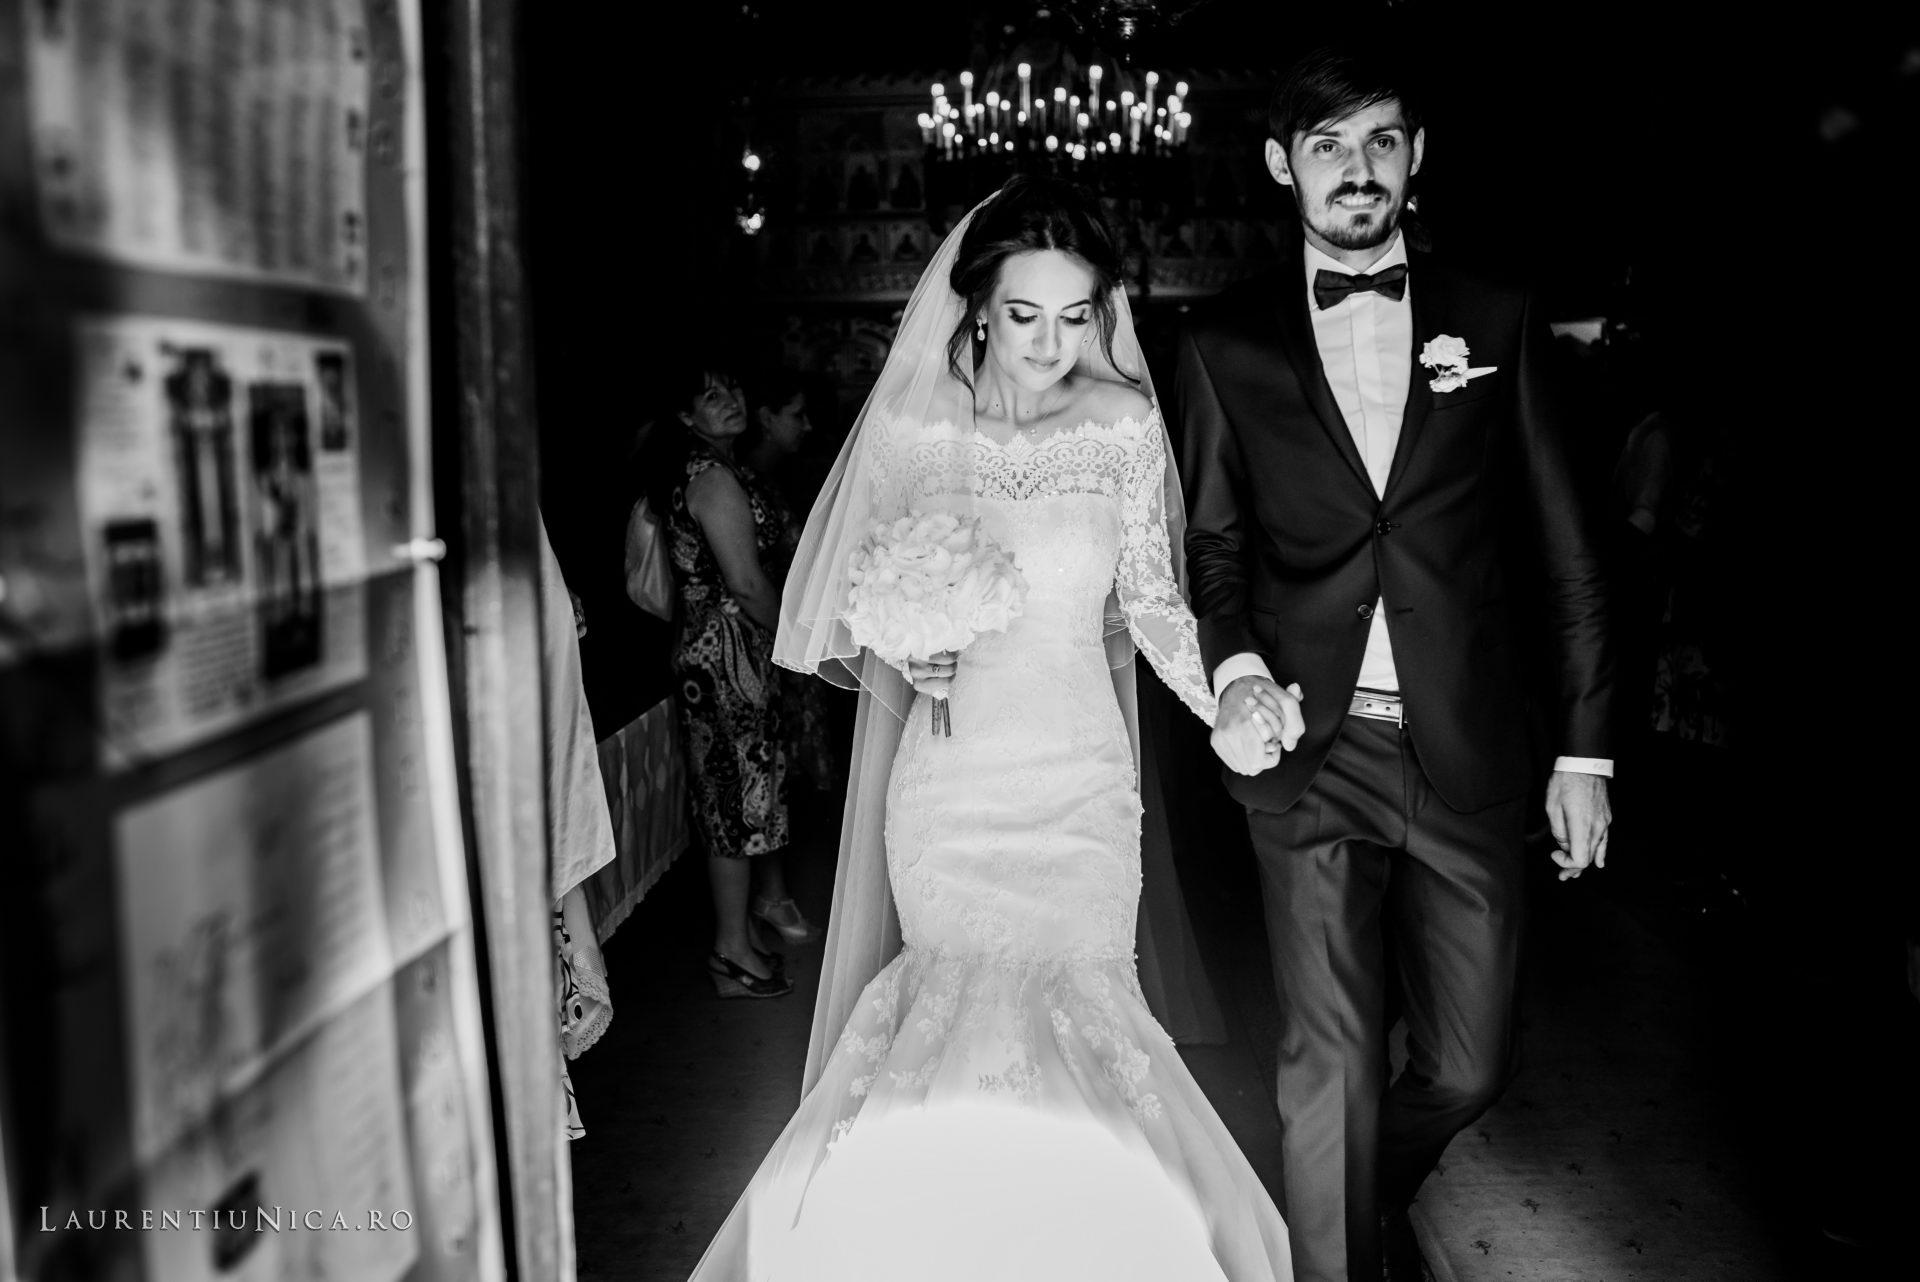 Cristina si Ovidiu nunta Craiova fotograf laurentiu nica 091 - Cristina & Ovidiu | Fotografii nunta | Craiova